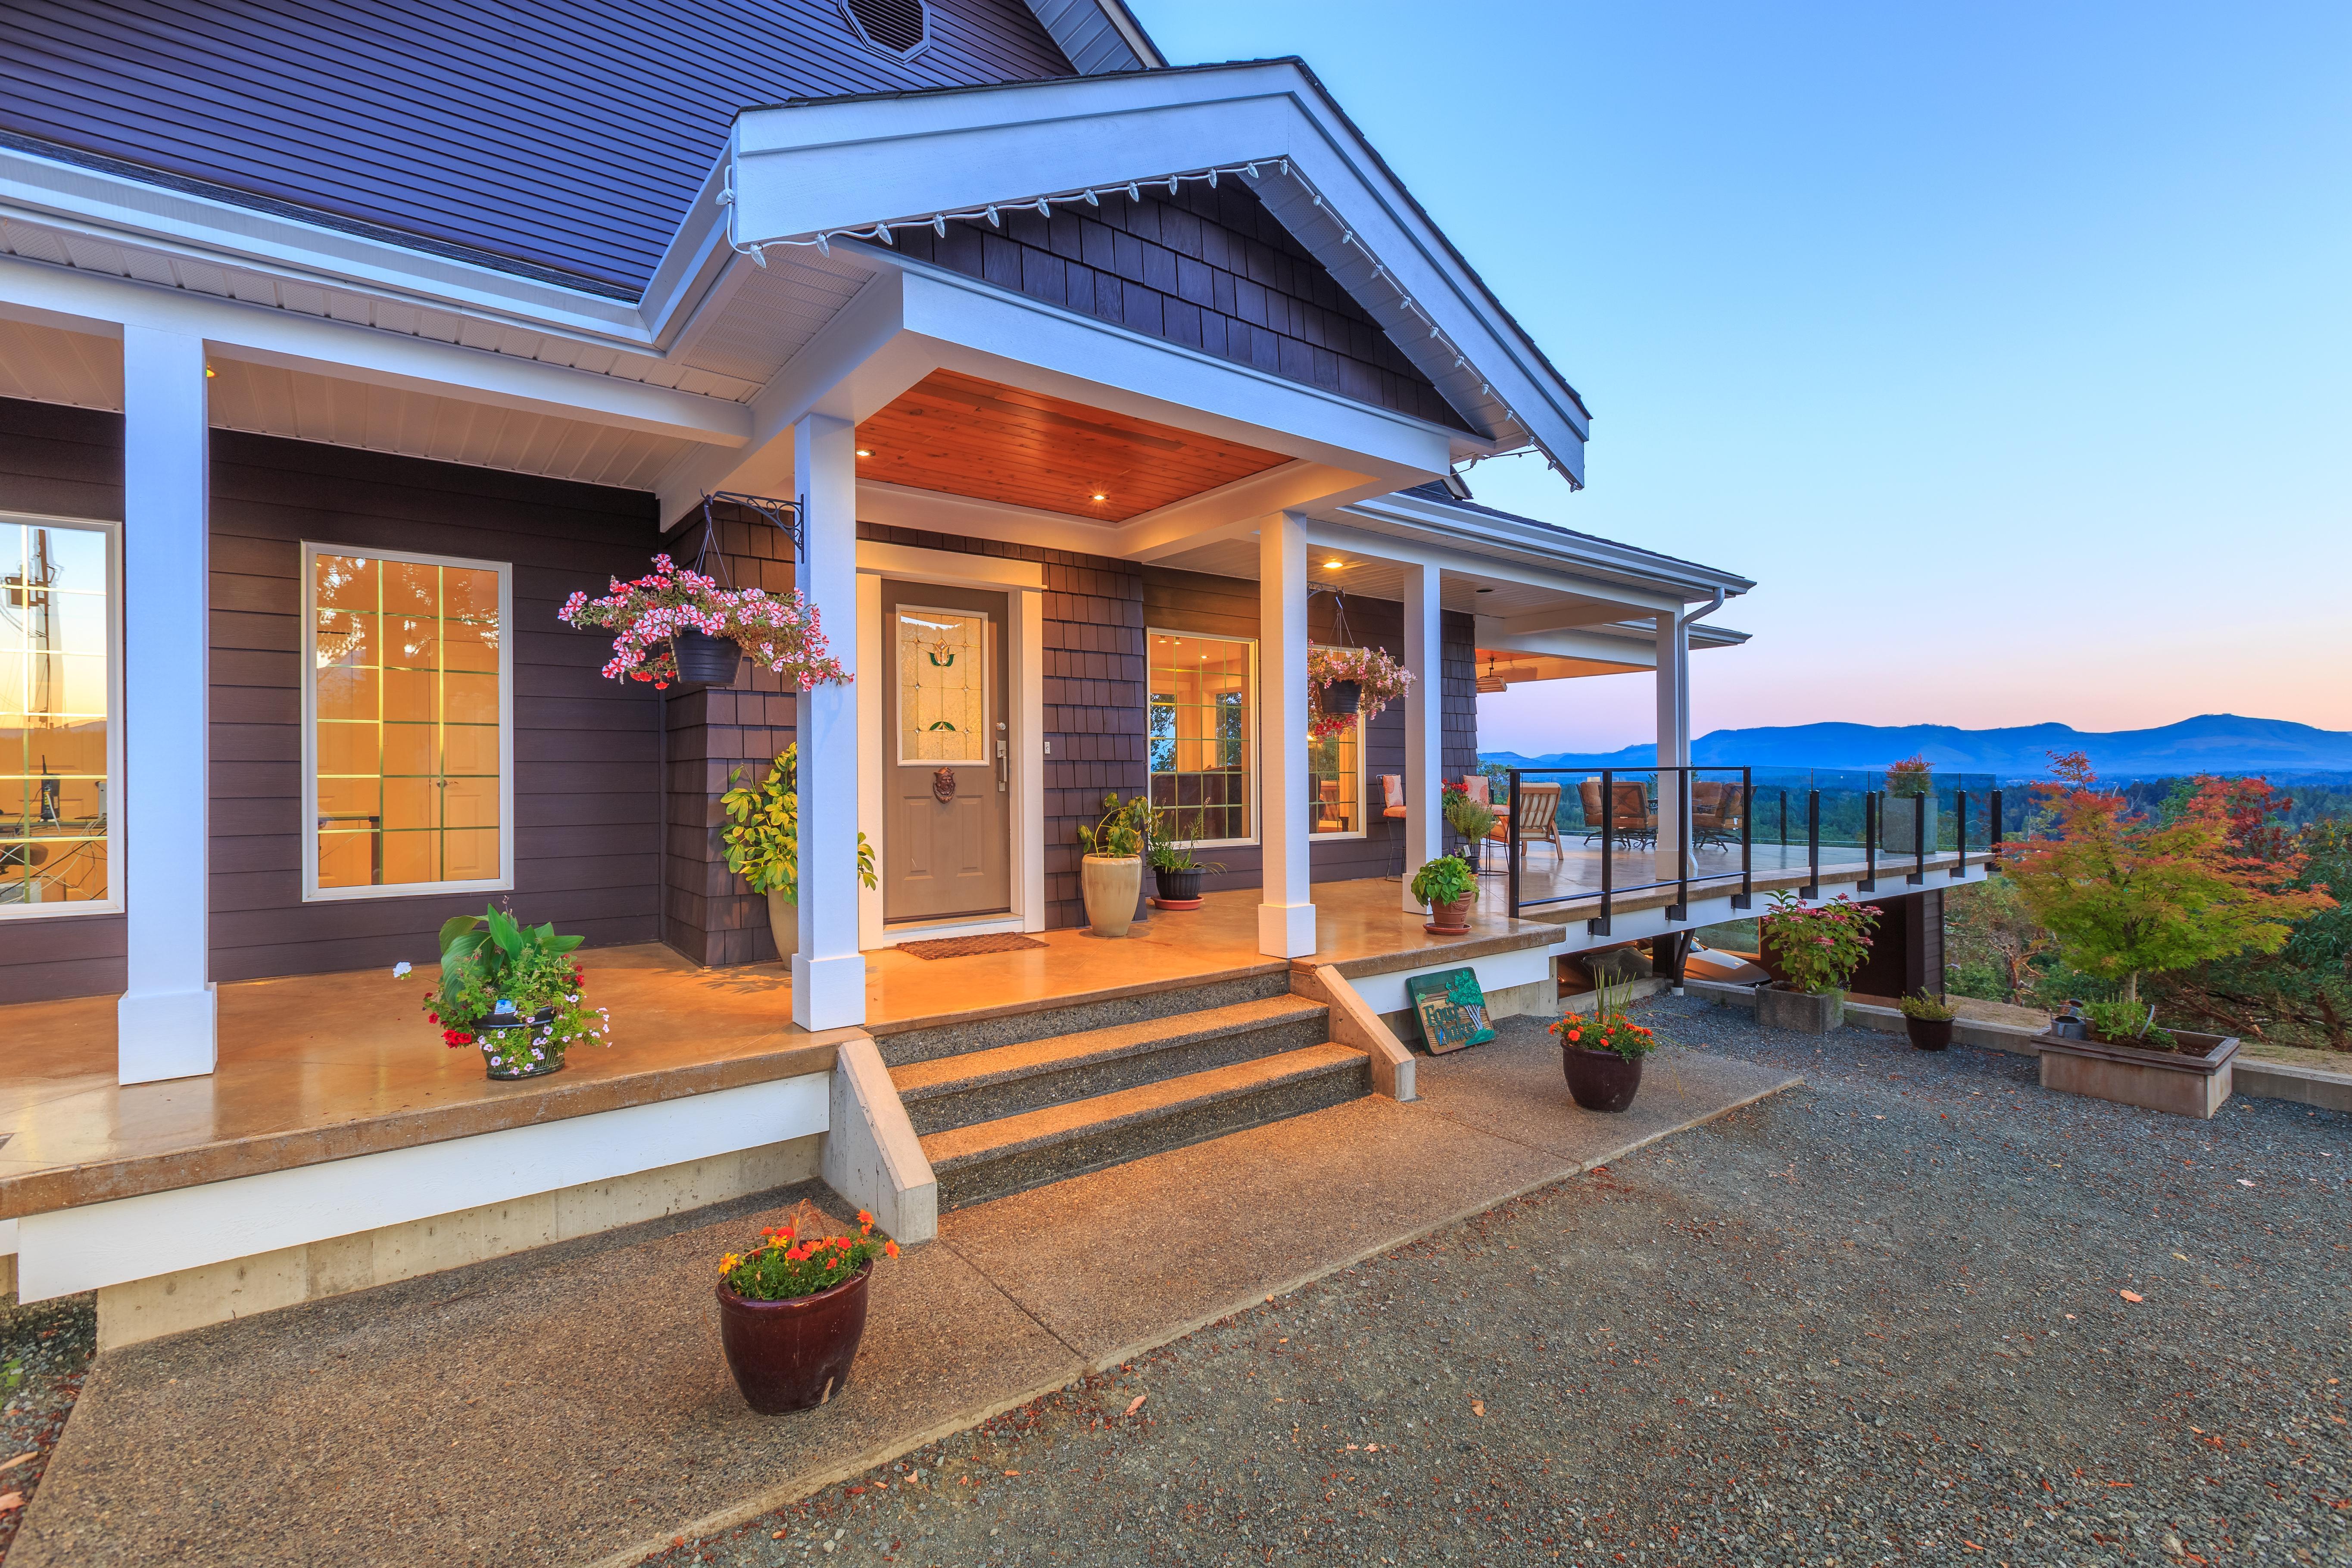 Jahelka Real Estate Group: Royal LePage Nanaimo Realty logo